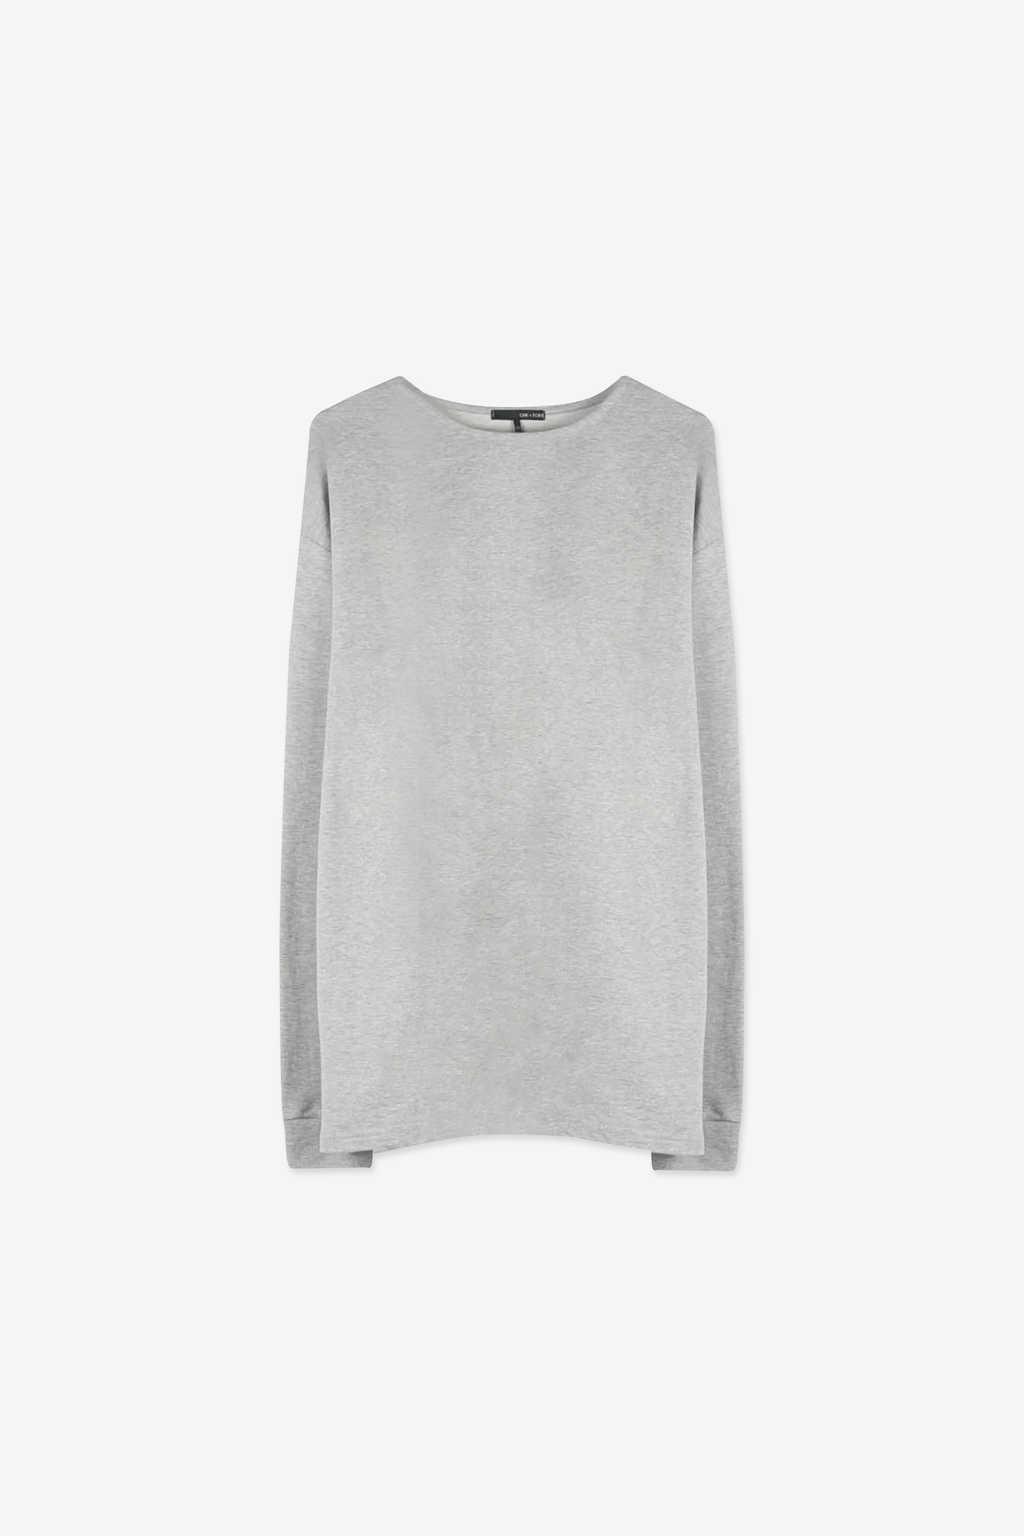 TShirt G006 Gray 4